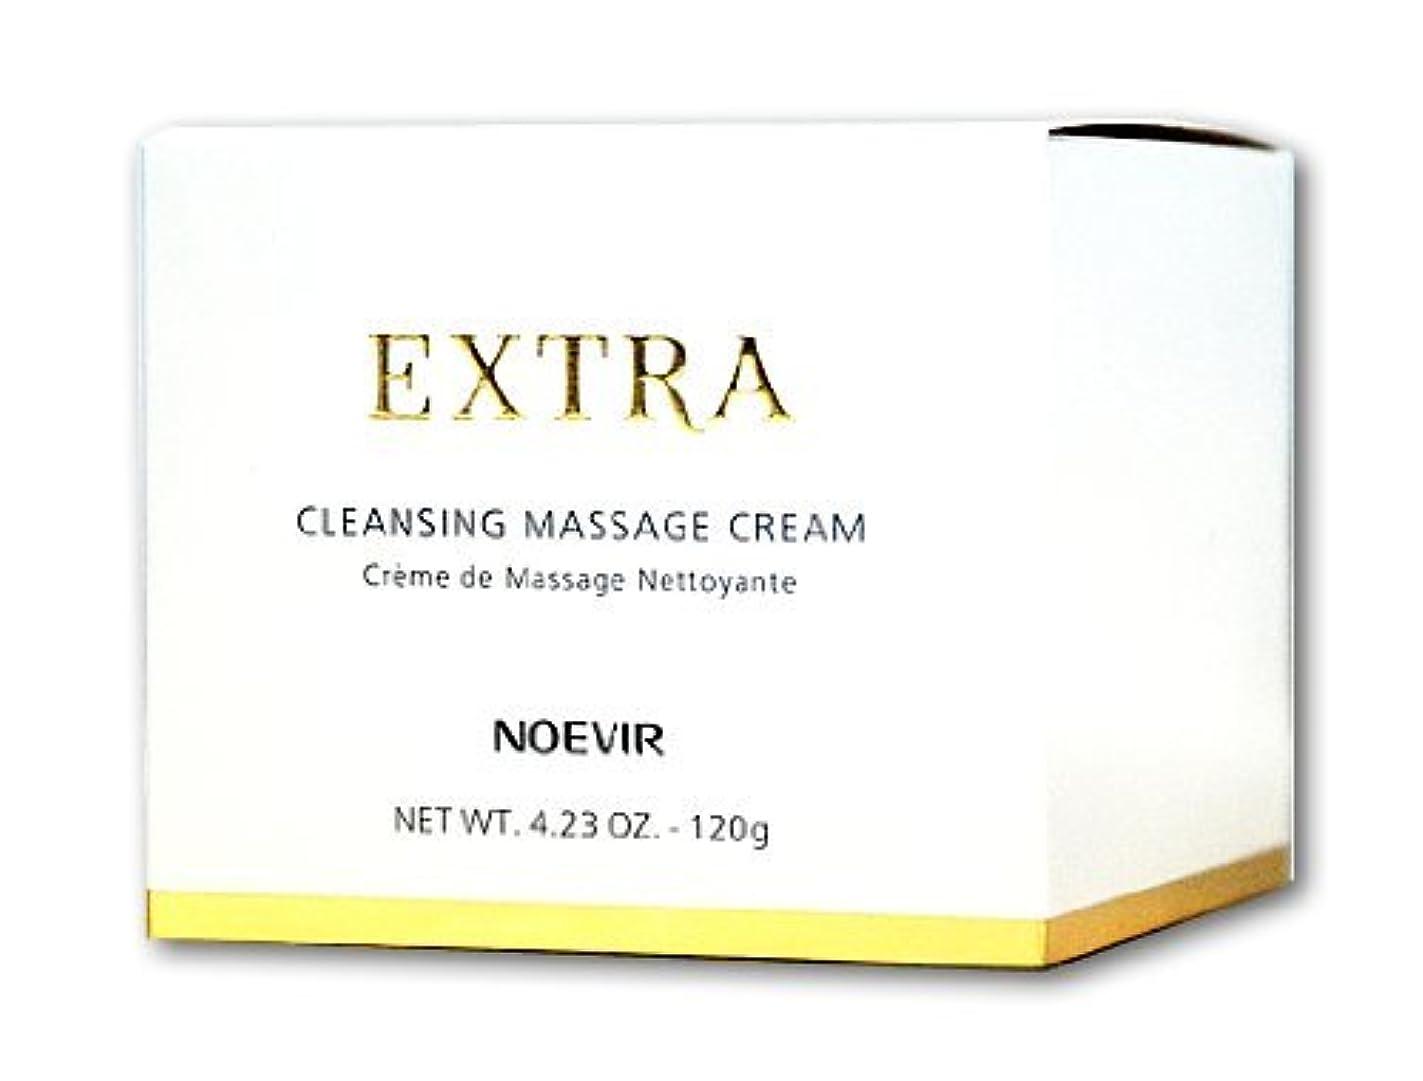 制限静かに現れるノエビア エクストラ 薬用クレンジングマッサージクリーム<医薬部外品>(120g)